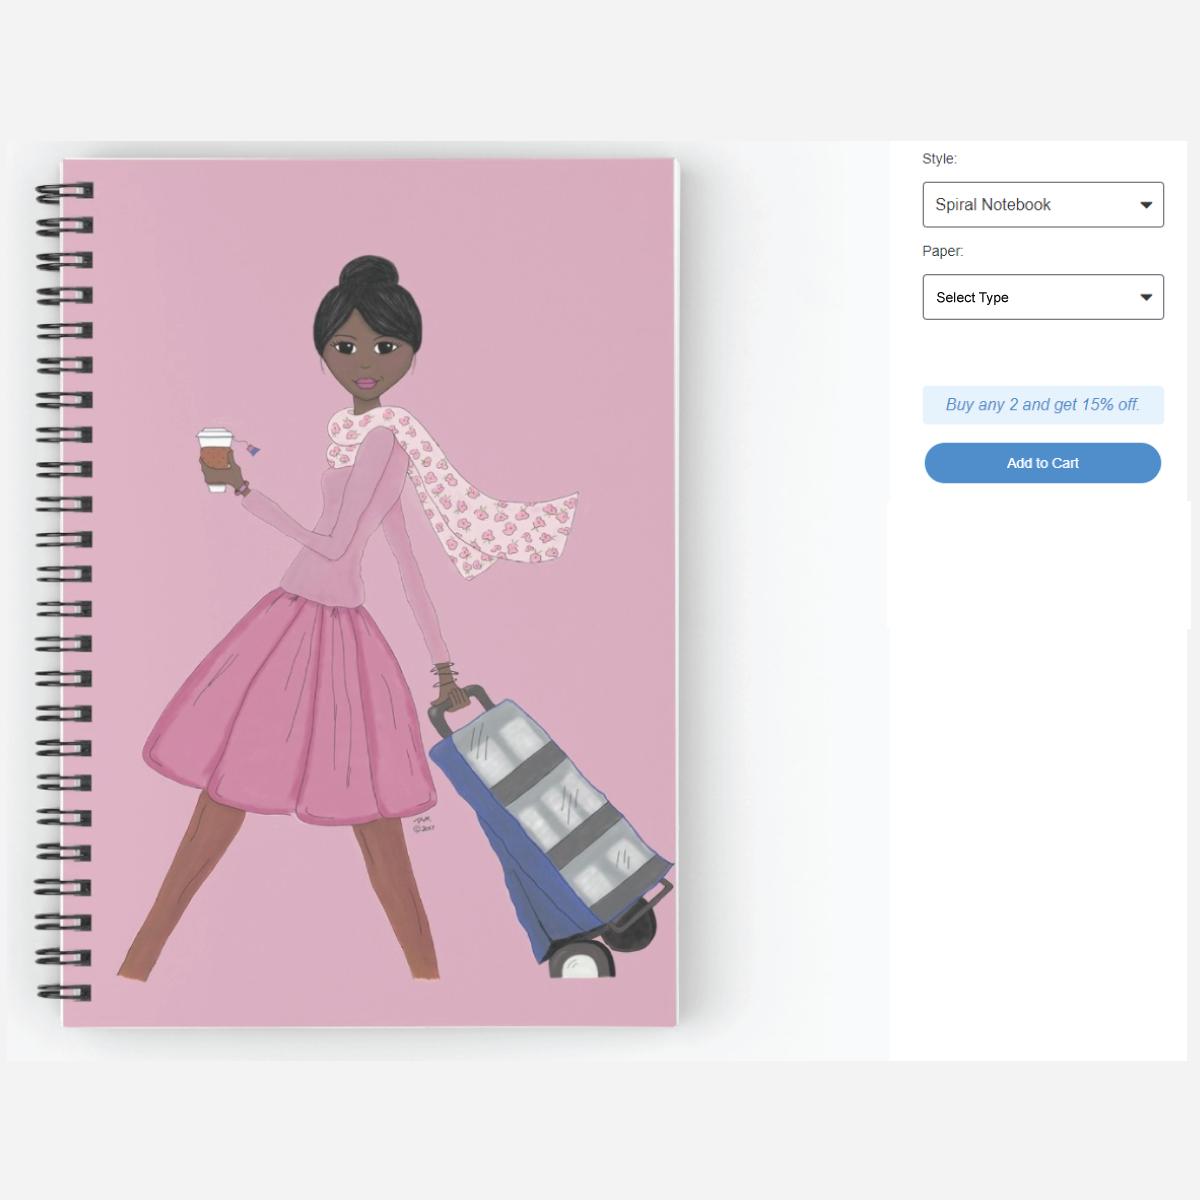 Cart Girl - Best Life Notebook  Fun JW notebook and planner